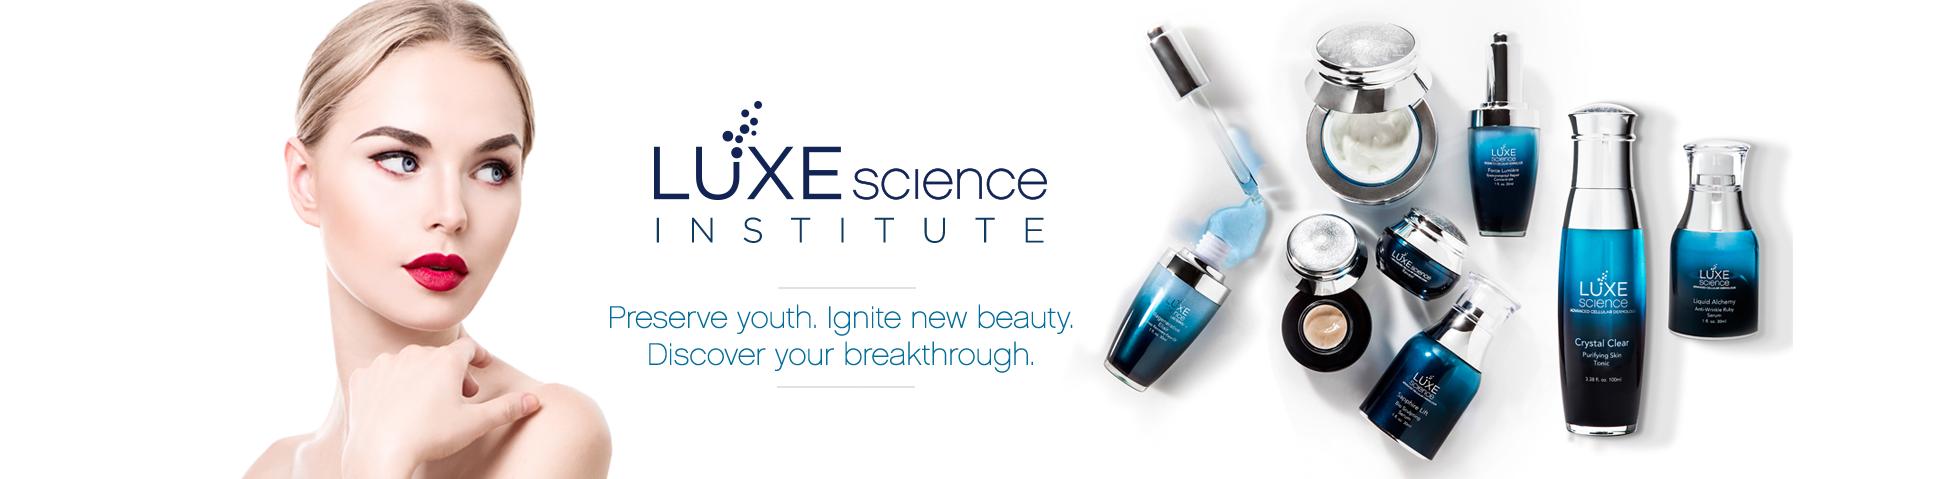 Luxe Science Skin Care Institute at La Bella Spa